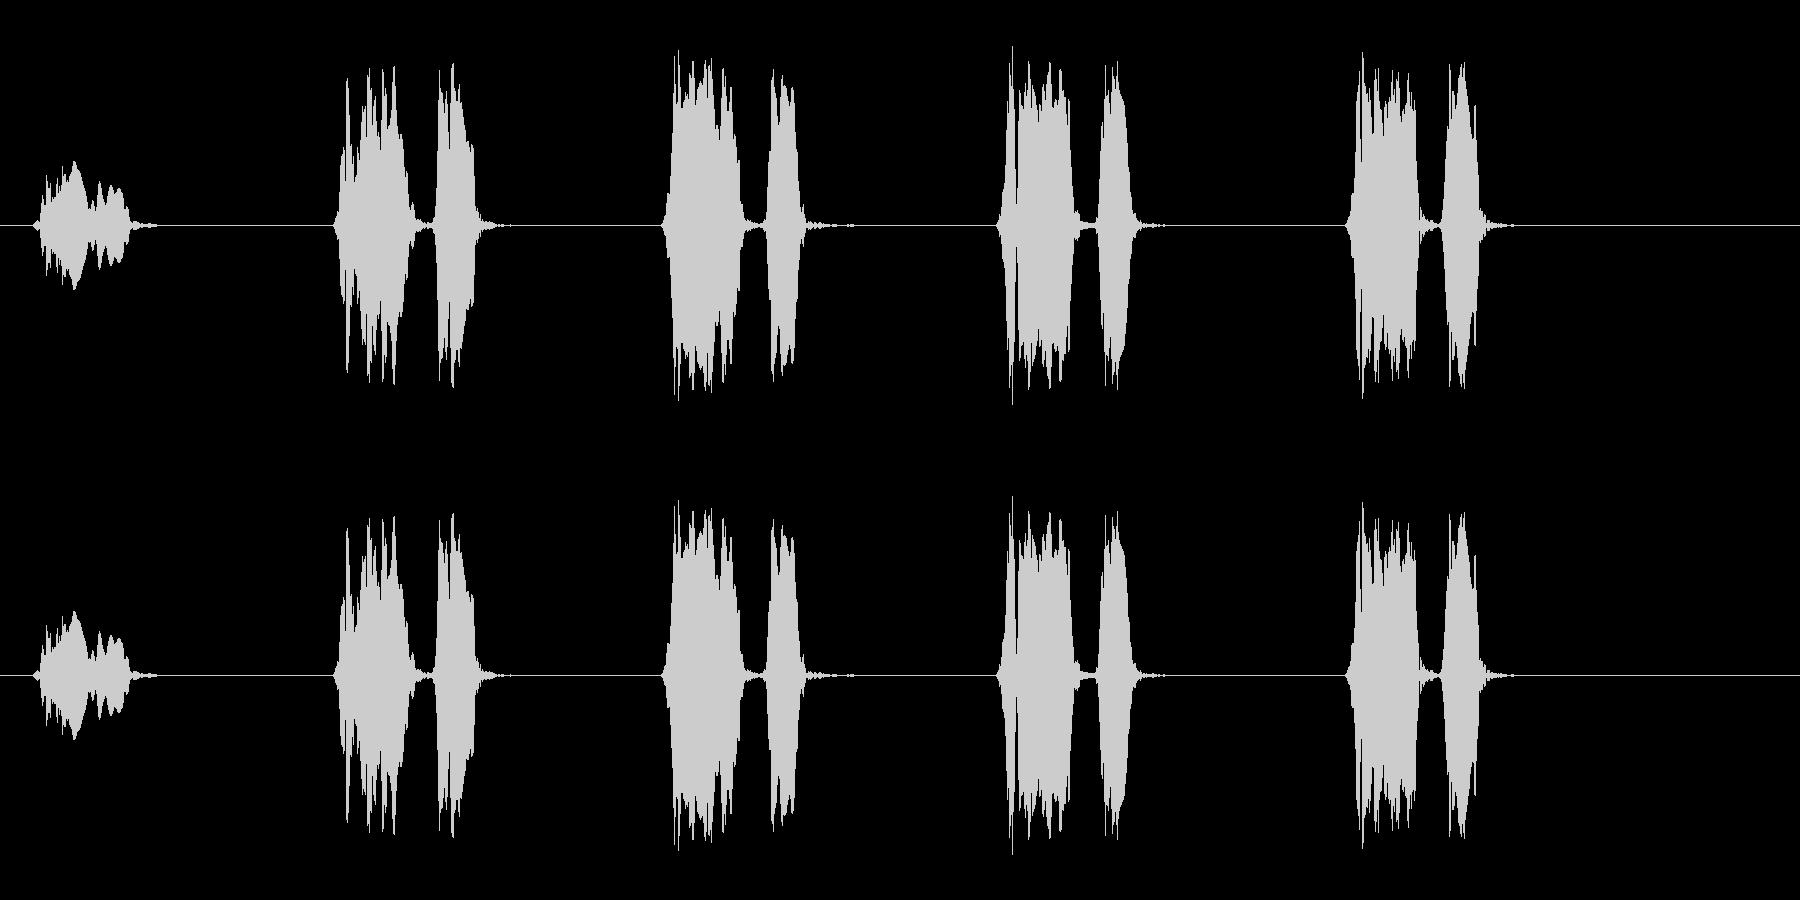 ウズラの鳴き声05-01の未再生の波形